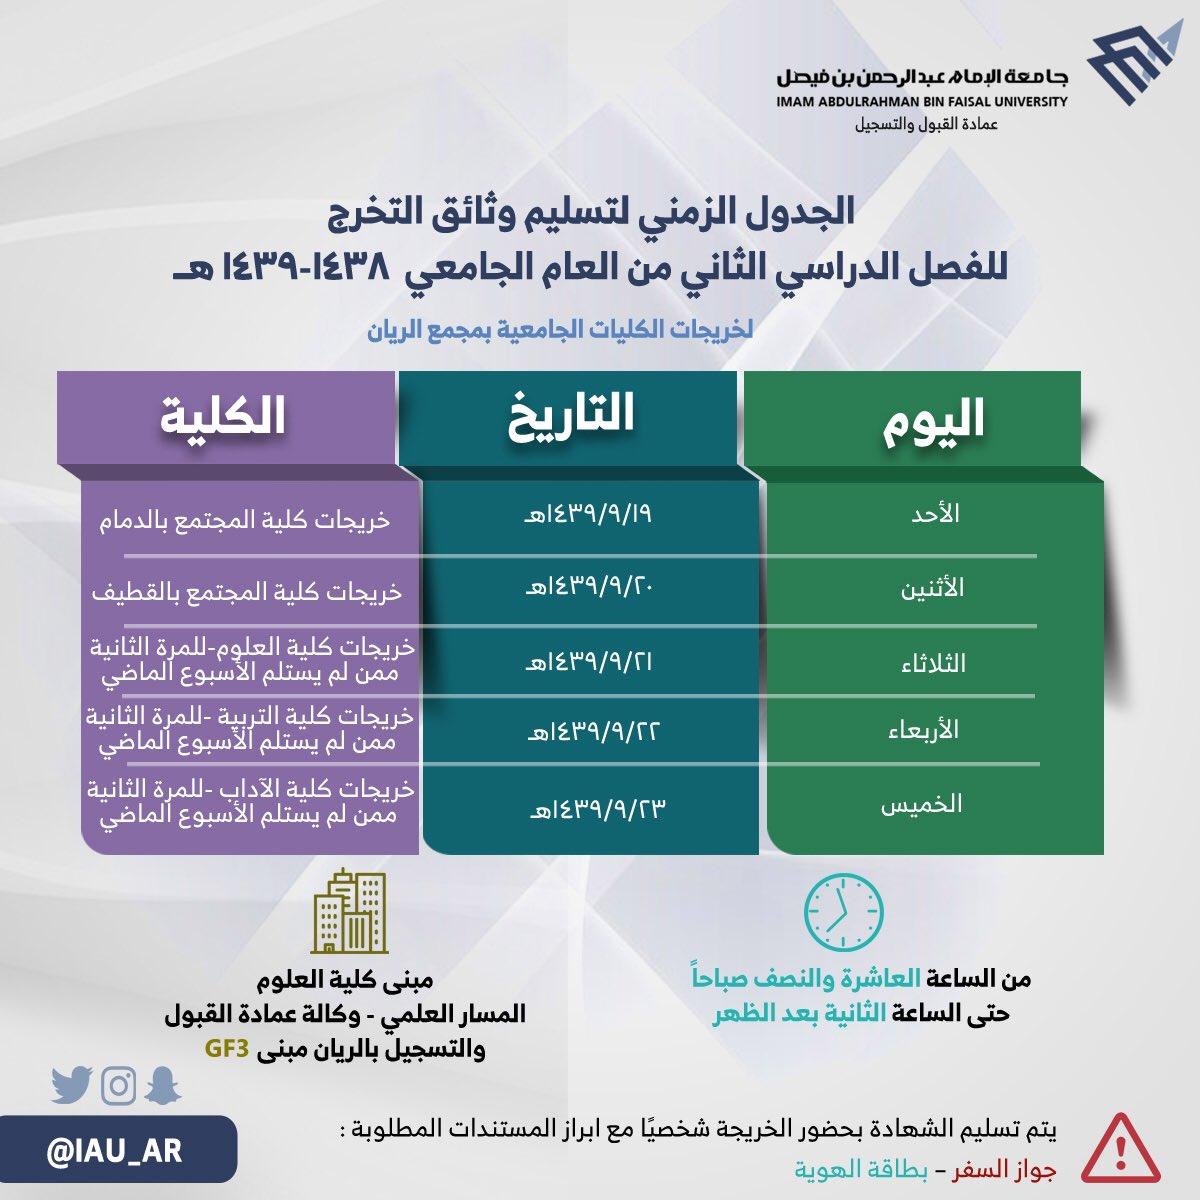 الجدول الزمني لتسليم وثائق التخرج